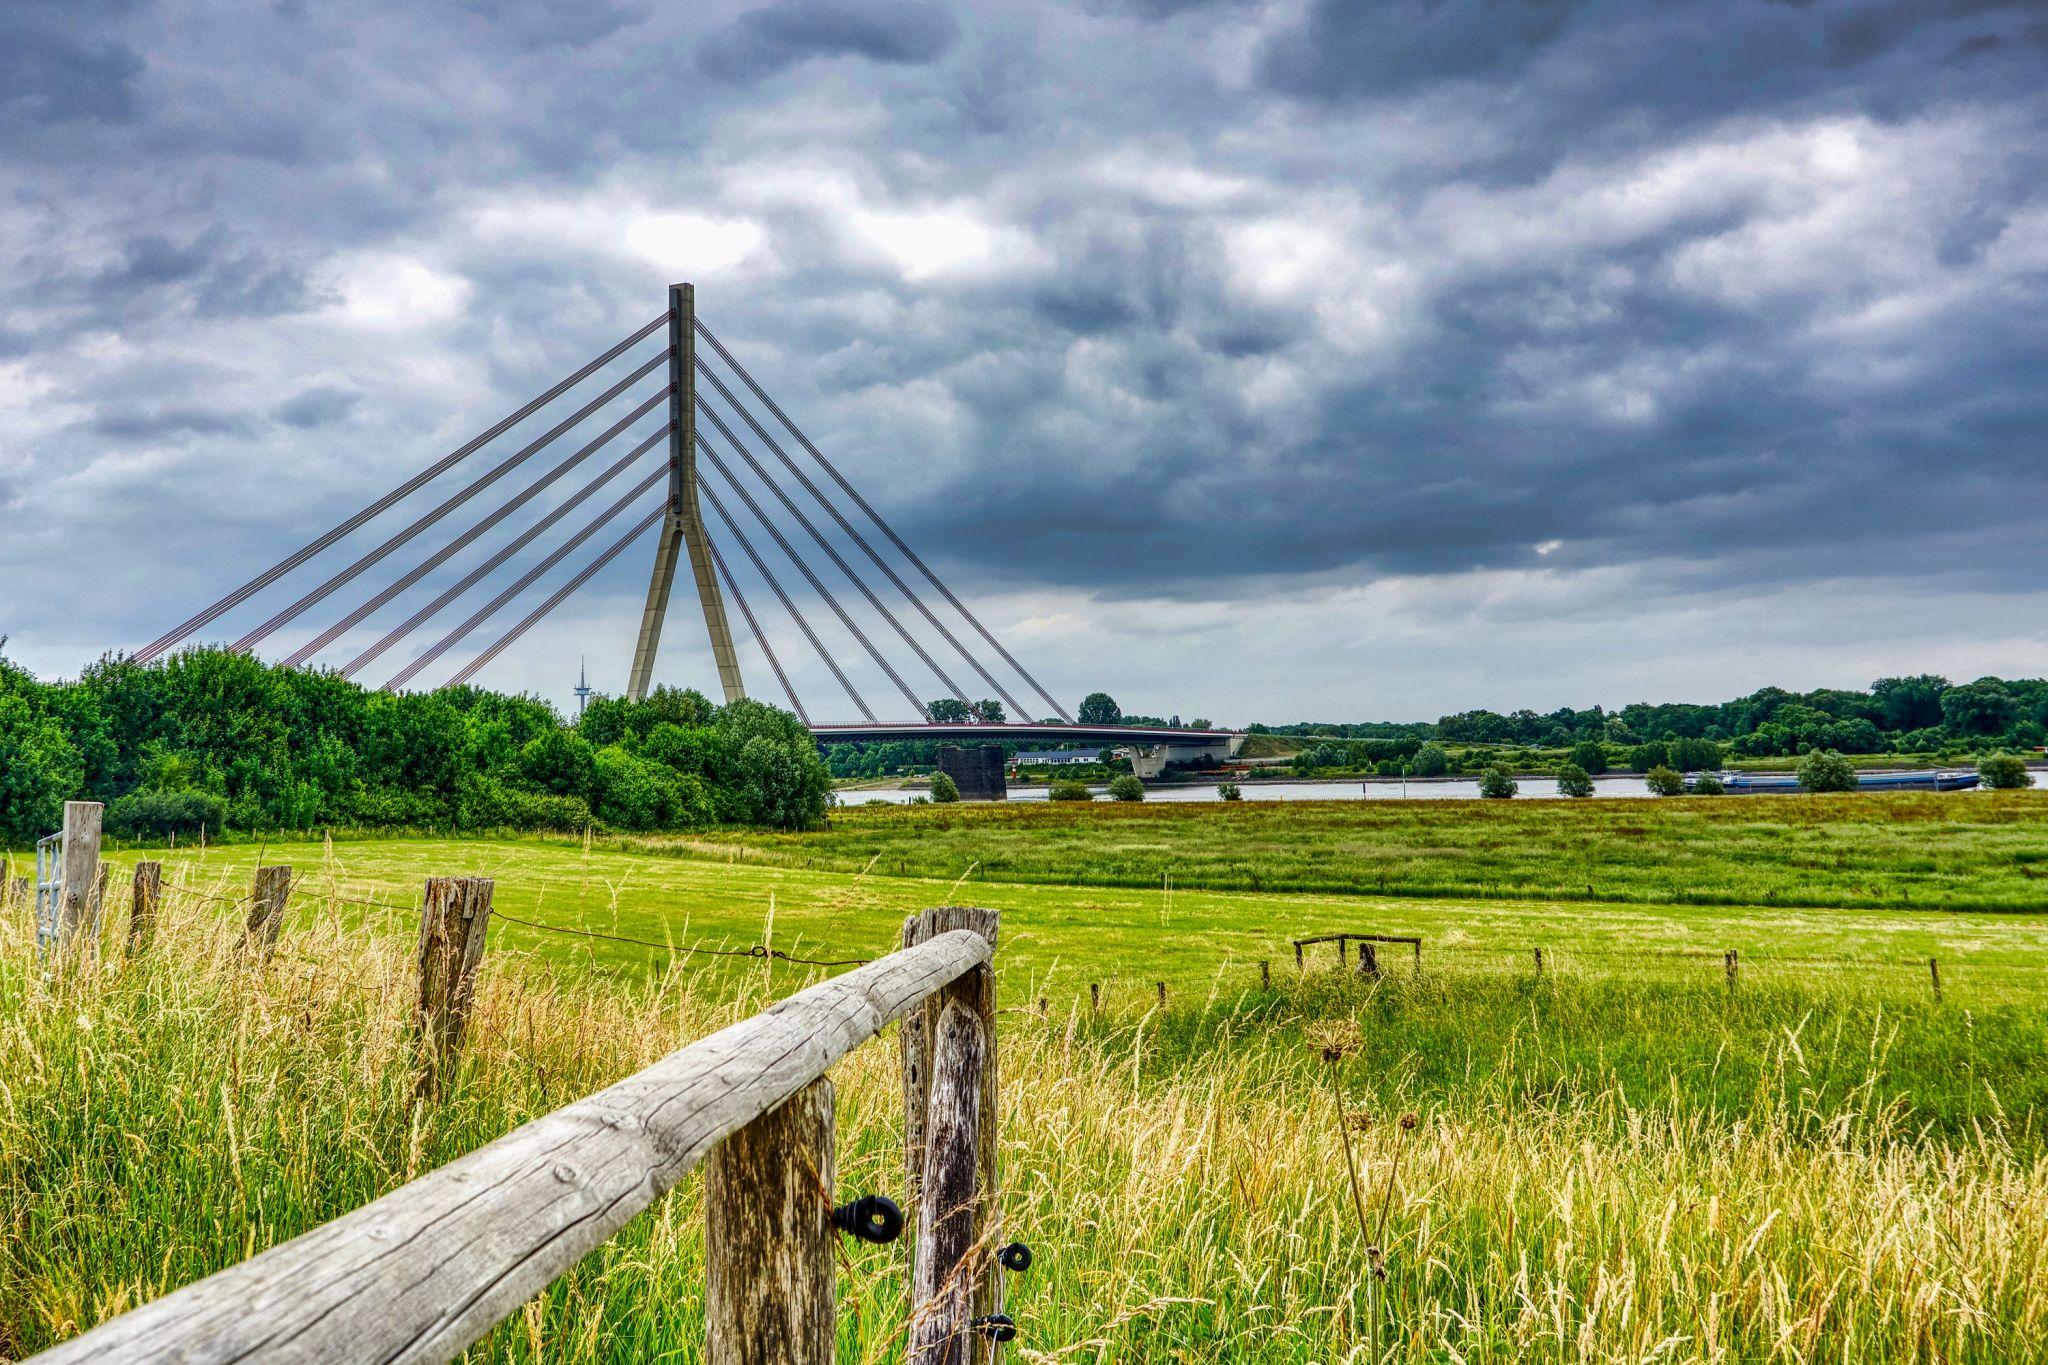 Niederrheinbrücke Wesel, Germany